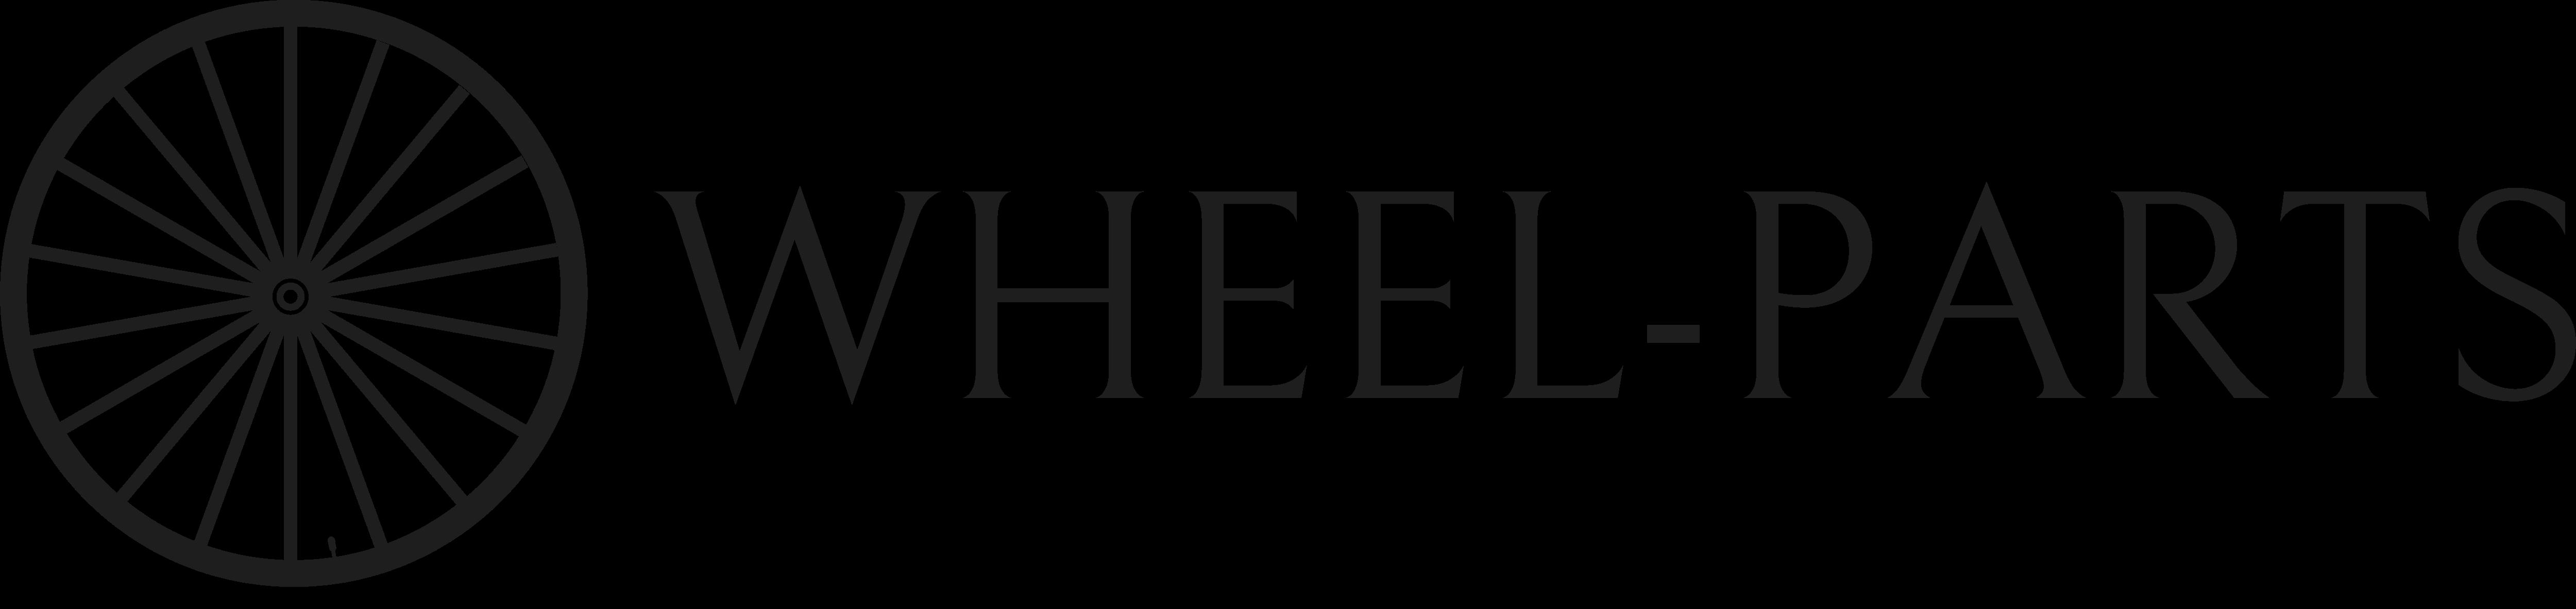 Wheel-Parts.shop